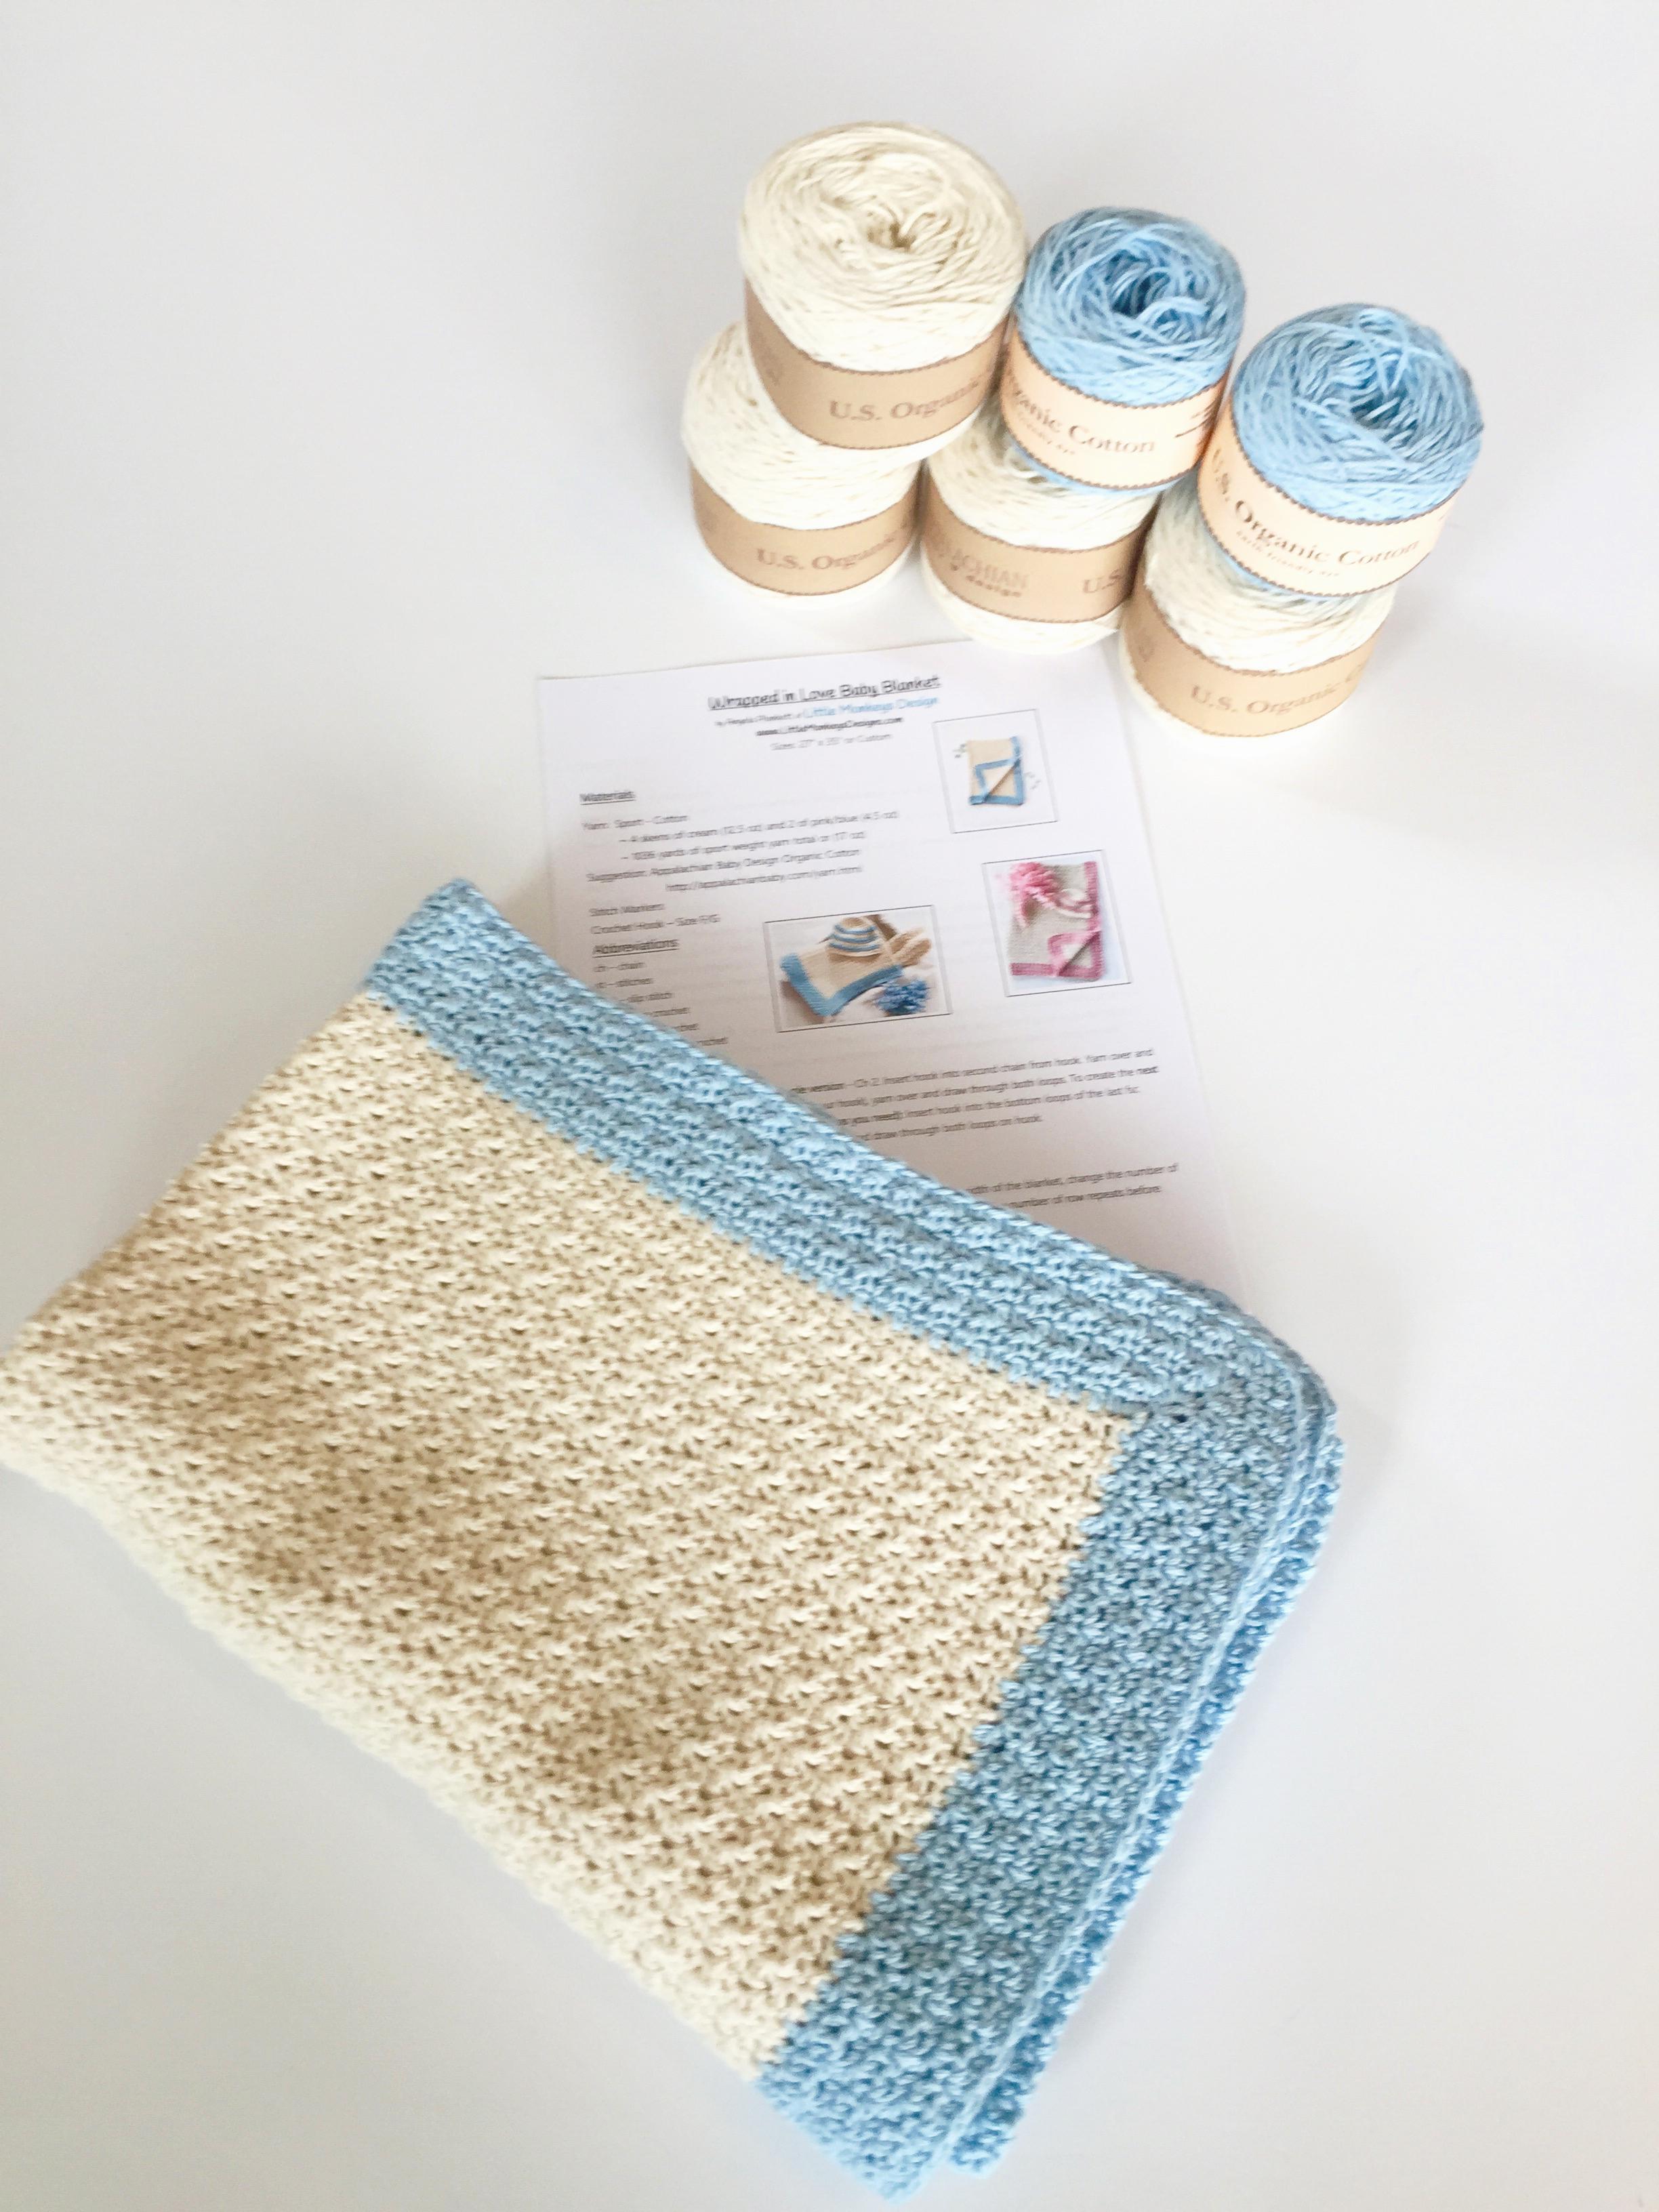 Baby Knitting Kits Uk : Crochet baby blanket pattern kit manet for